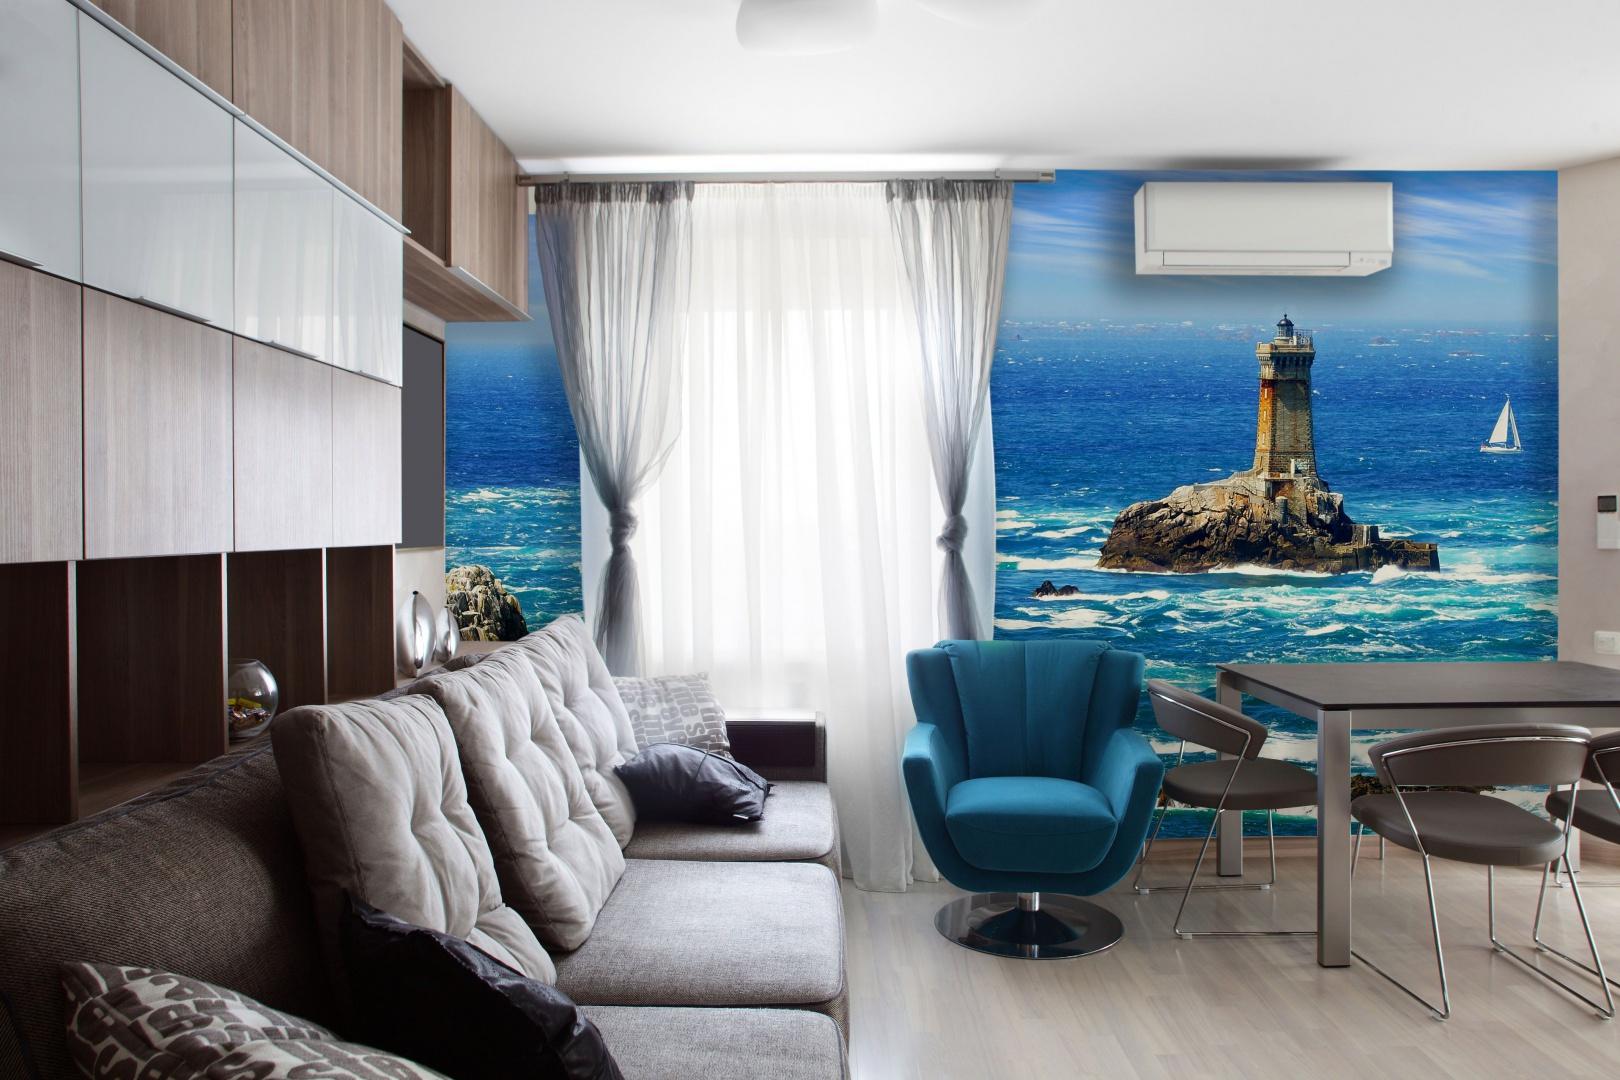 Fototapeta z morskim krajobrazem wprowadza kolor do stonowanej aranżacji salonu i harmonizuje z turkusowym fotelem. Fot. Dekornik